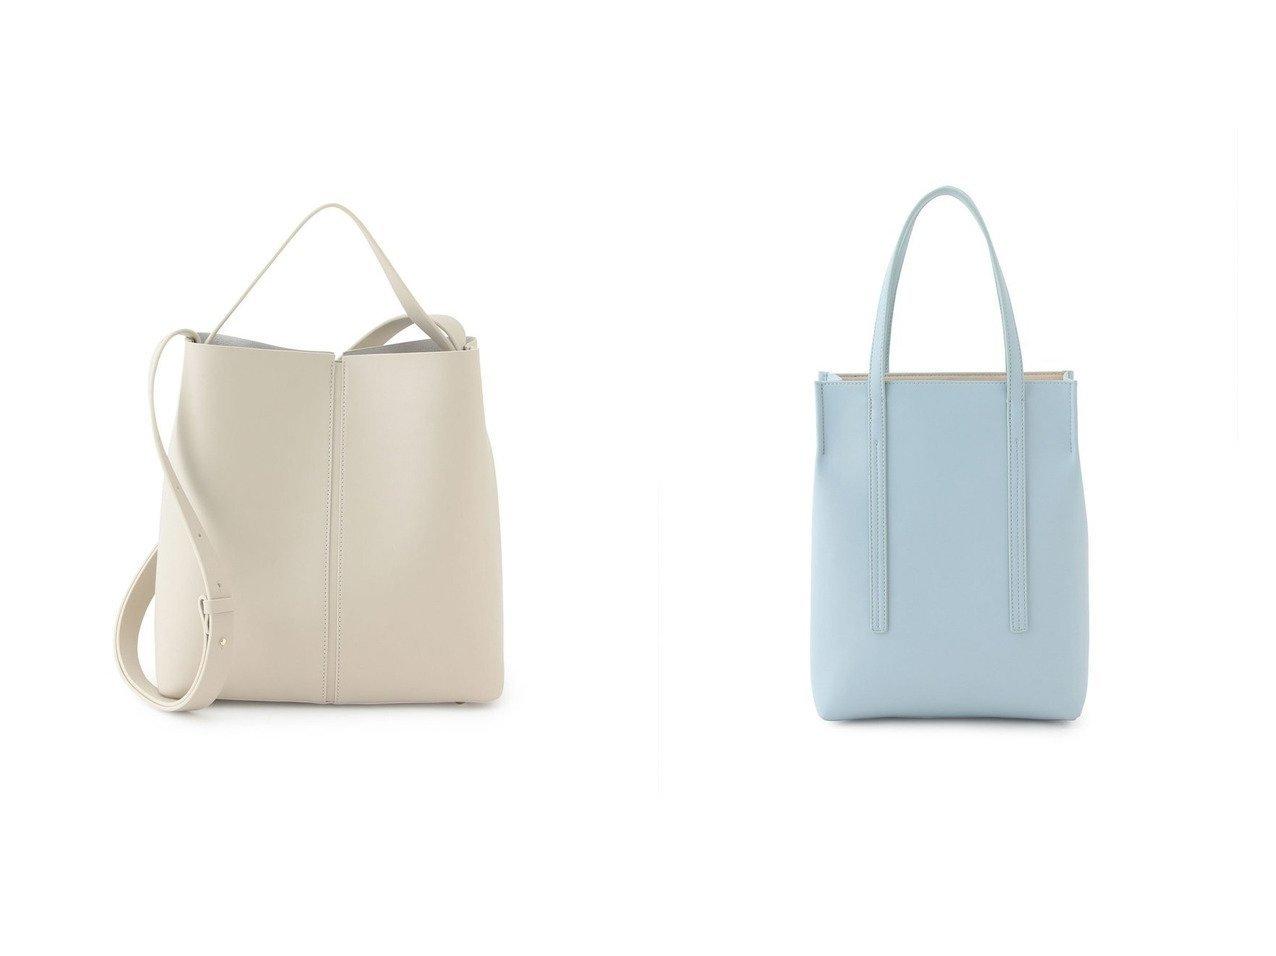 【ROPE' mademoiselle/ロペ マドモアゼル】の【2WAY】ワンハンドルバケットトートバッグ&【2WAY】スクエアトートバッグ バッグ・鞄のおすすめ!人気、トレンド・レディースファッションの通販 おすすめで人気の流行・トレンド、ファッションの通販商品 メンズファッション・キッズファッション・インテリア・家具・レディースファッション・服の通販 founy(ファニー) https://founy.com/ ファッション Fashion レディースファッション WOMEN バッグ Bag NEW・新作・新着・新入荷 New Arrivals ショルダー シンプル トレンド ロング  ID:crp329100000014473